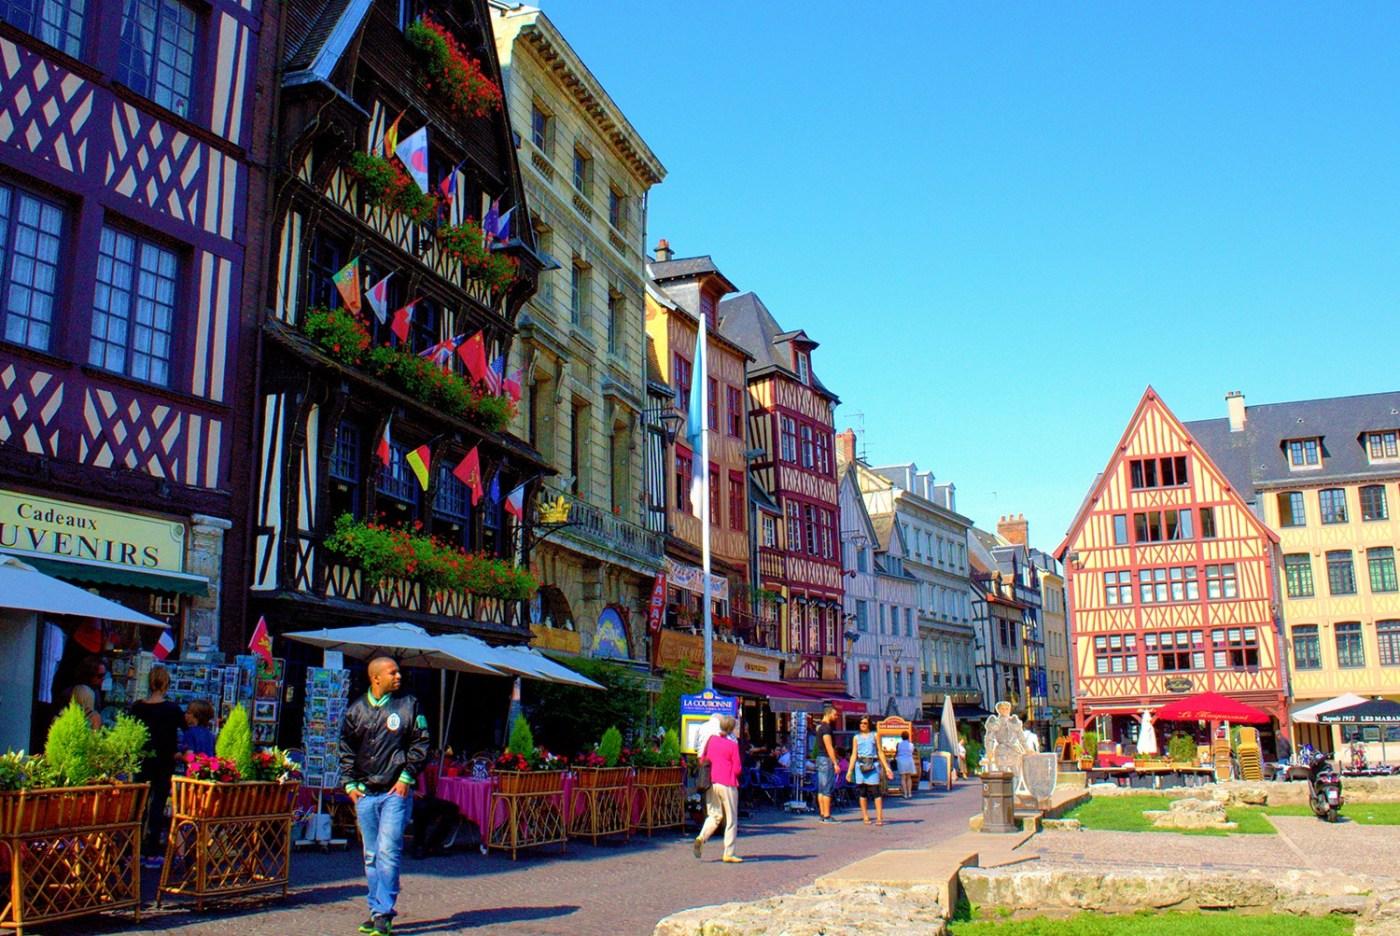 Rouen photos 2